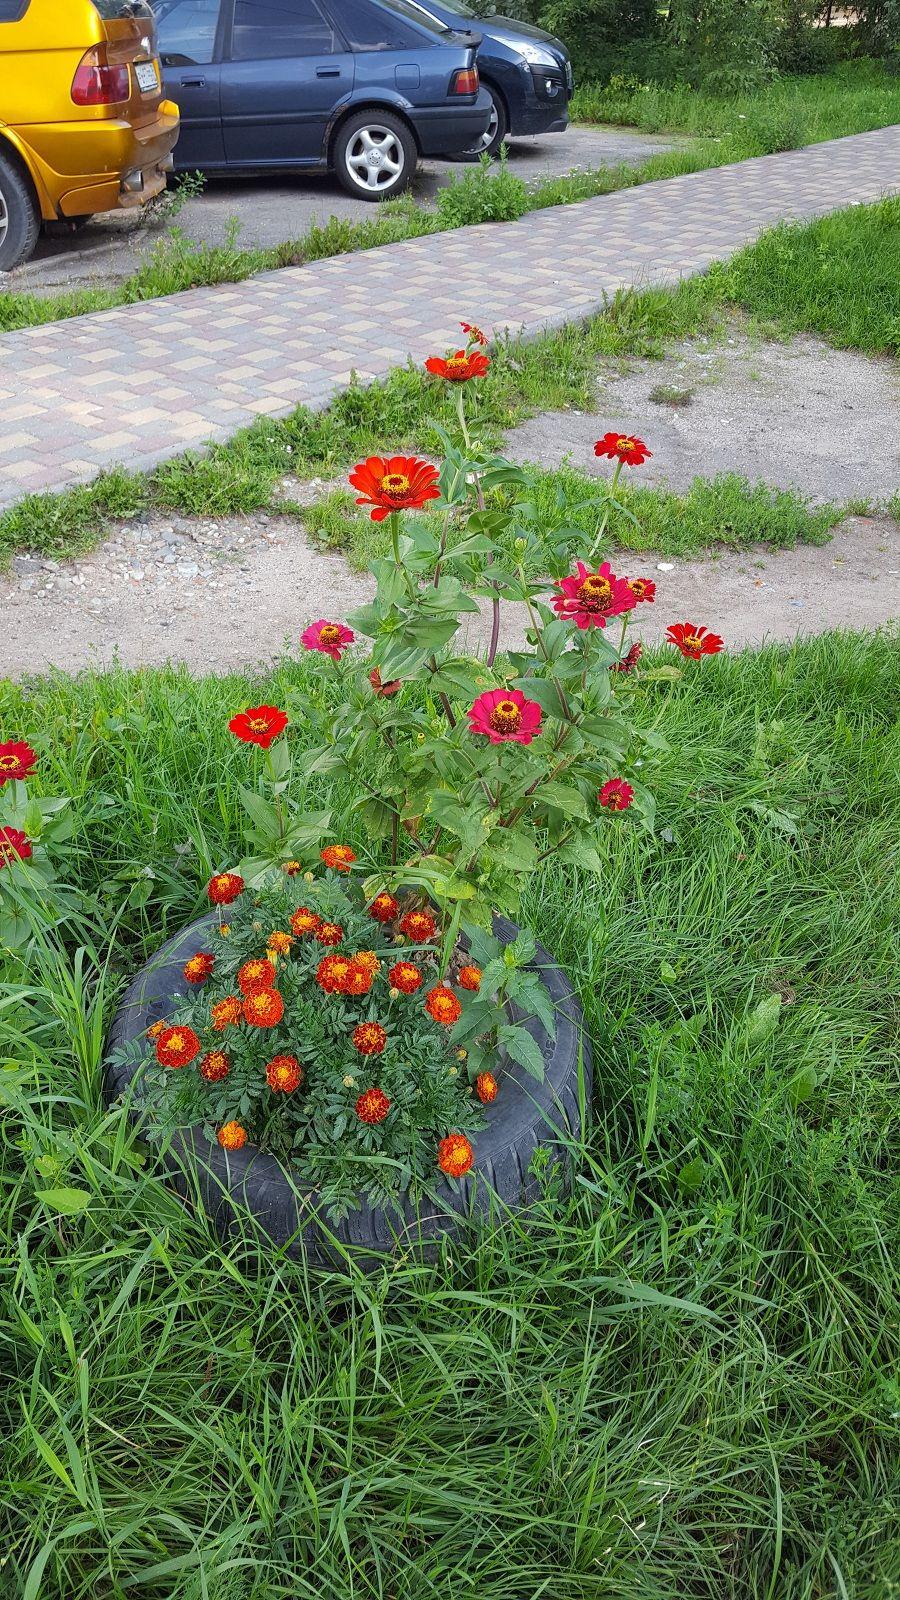 Как я провела свой день рождение, я покажу вам летний Калининград, фото 19